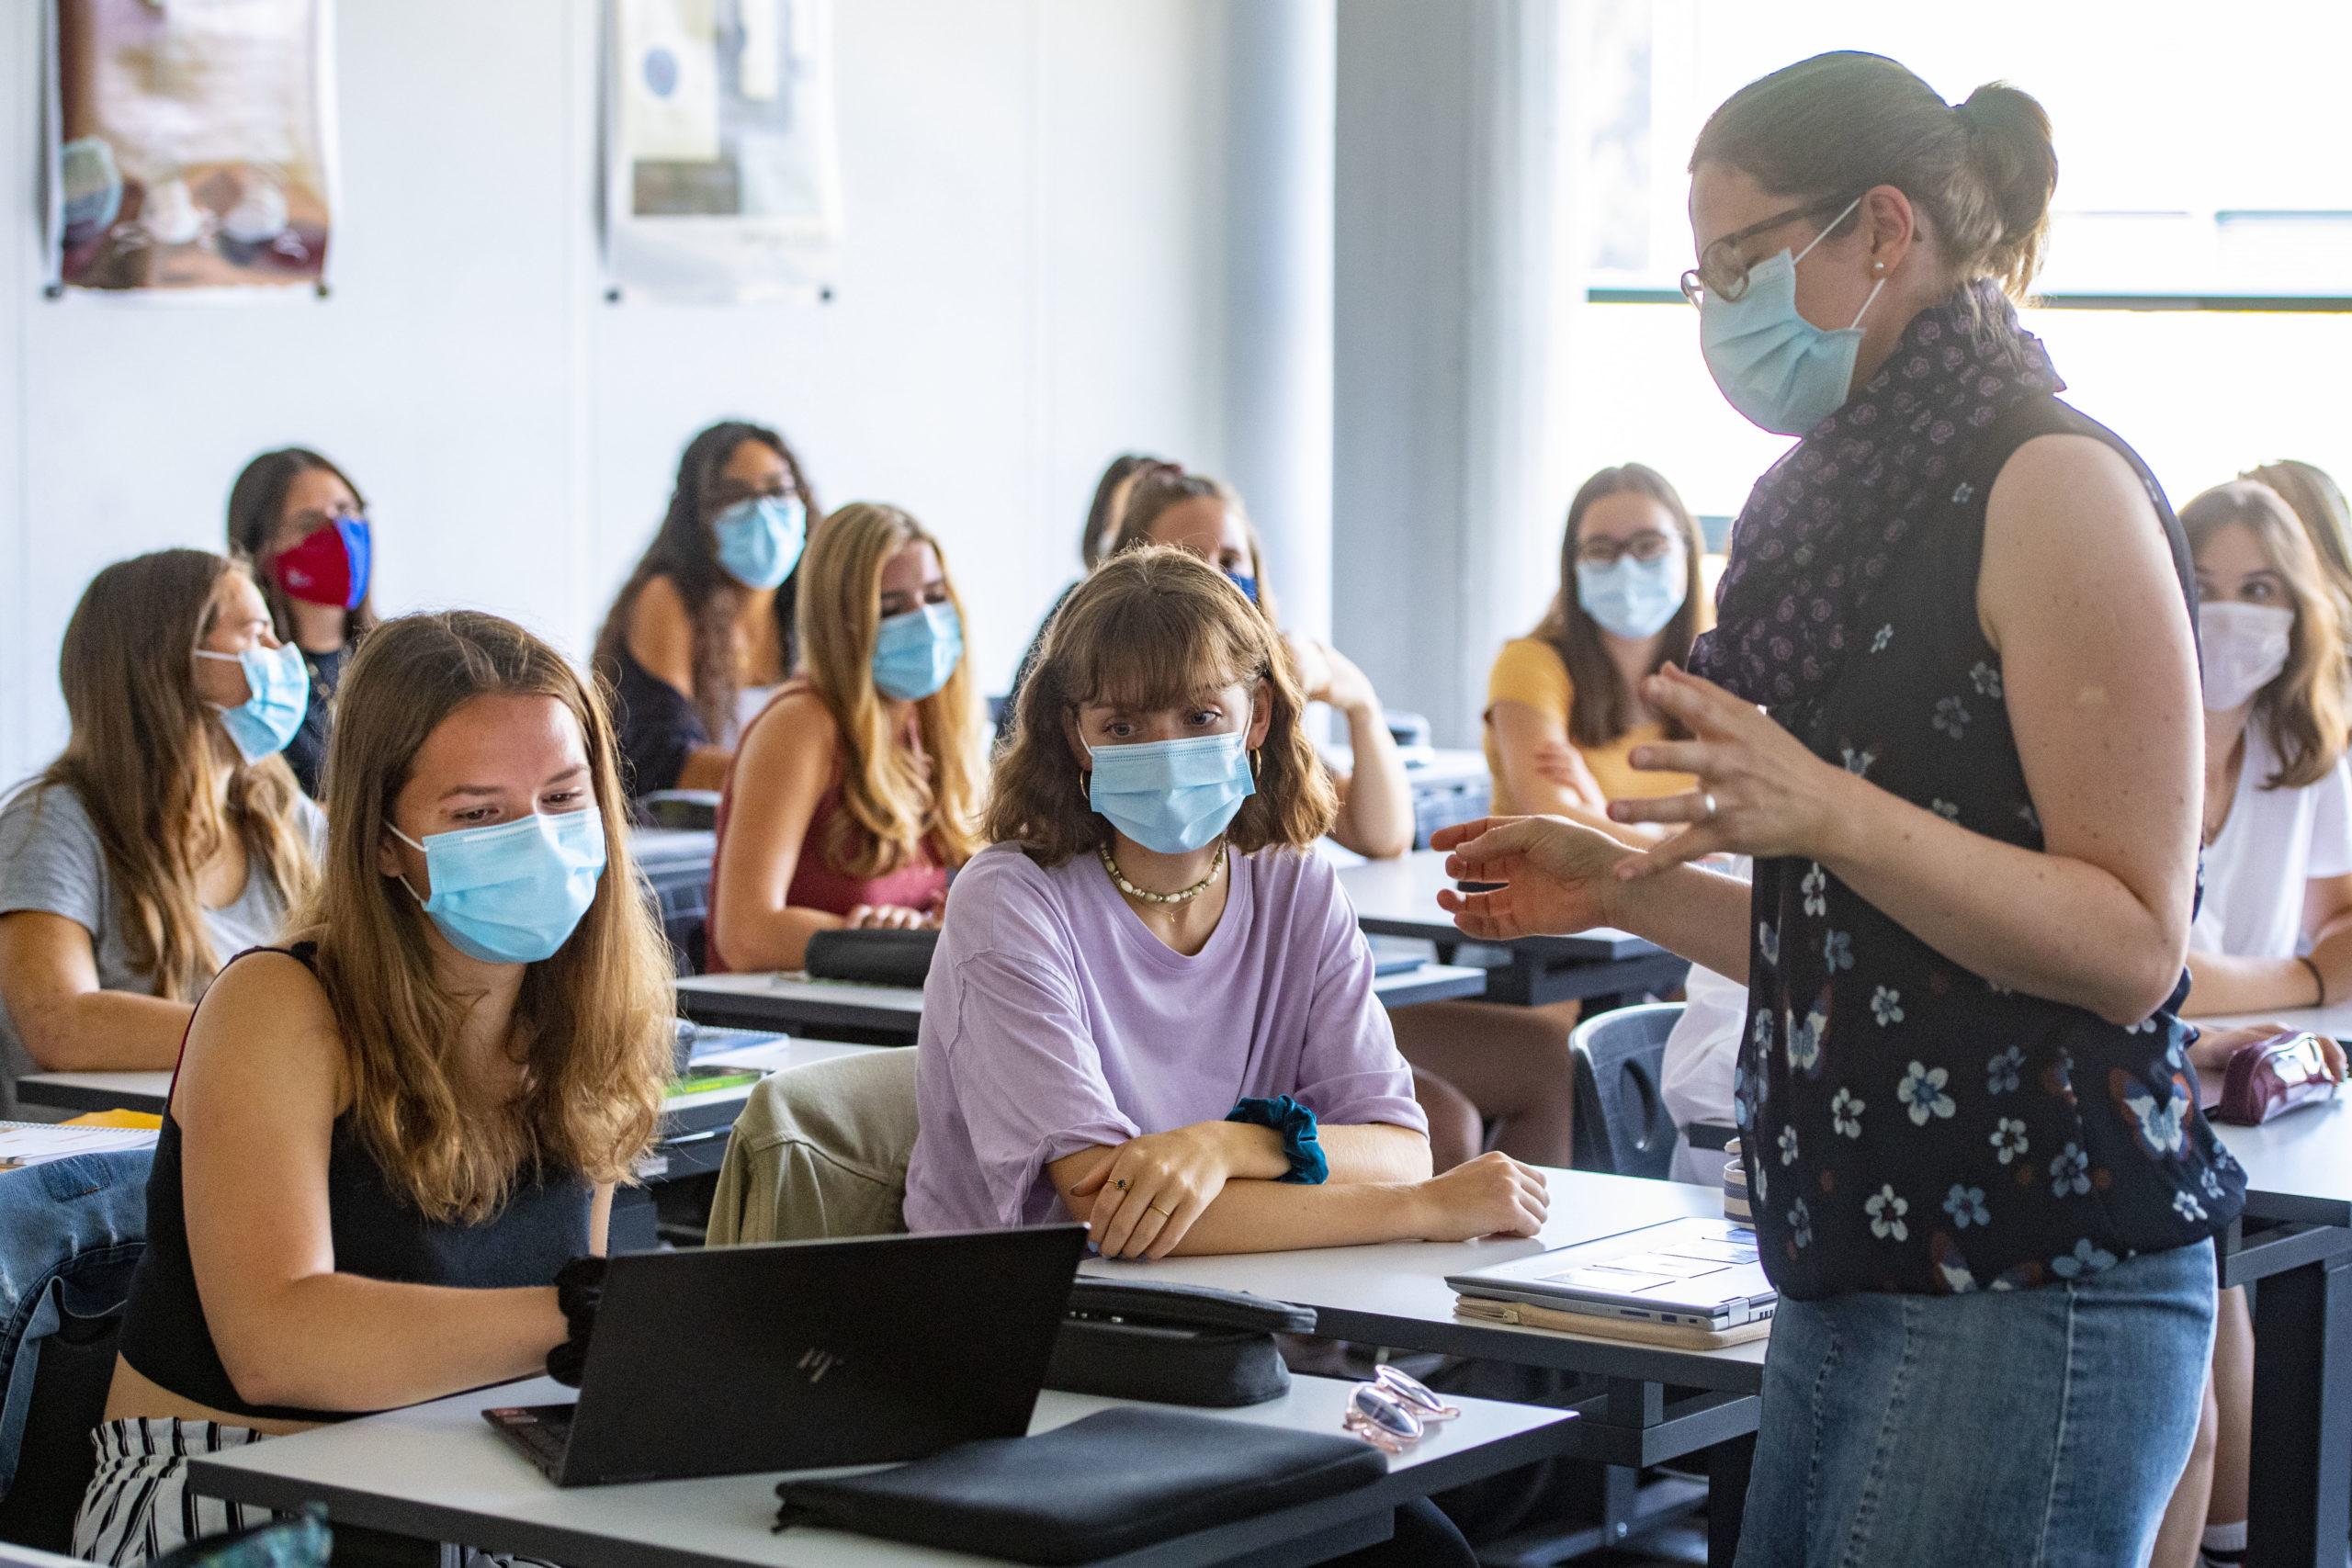 Les hautes écoles maintiennent les cours à distance